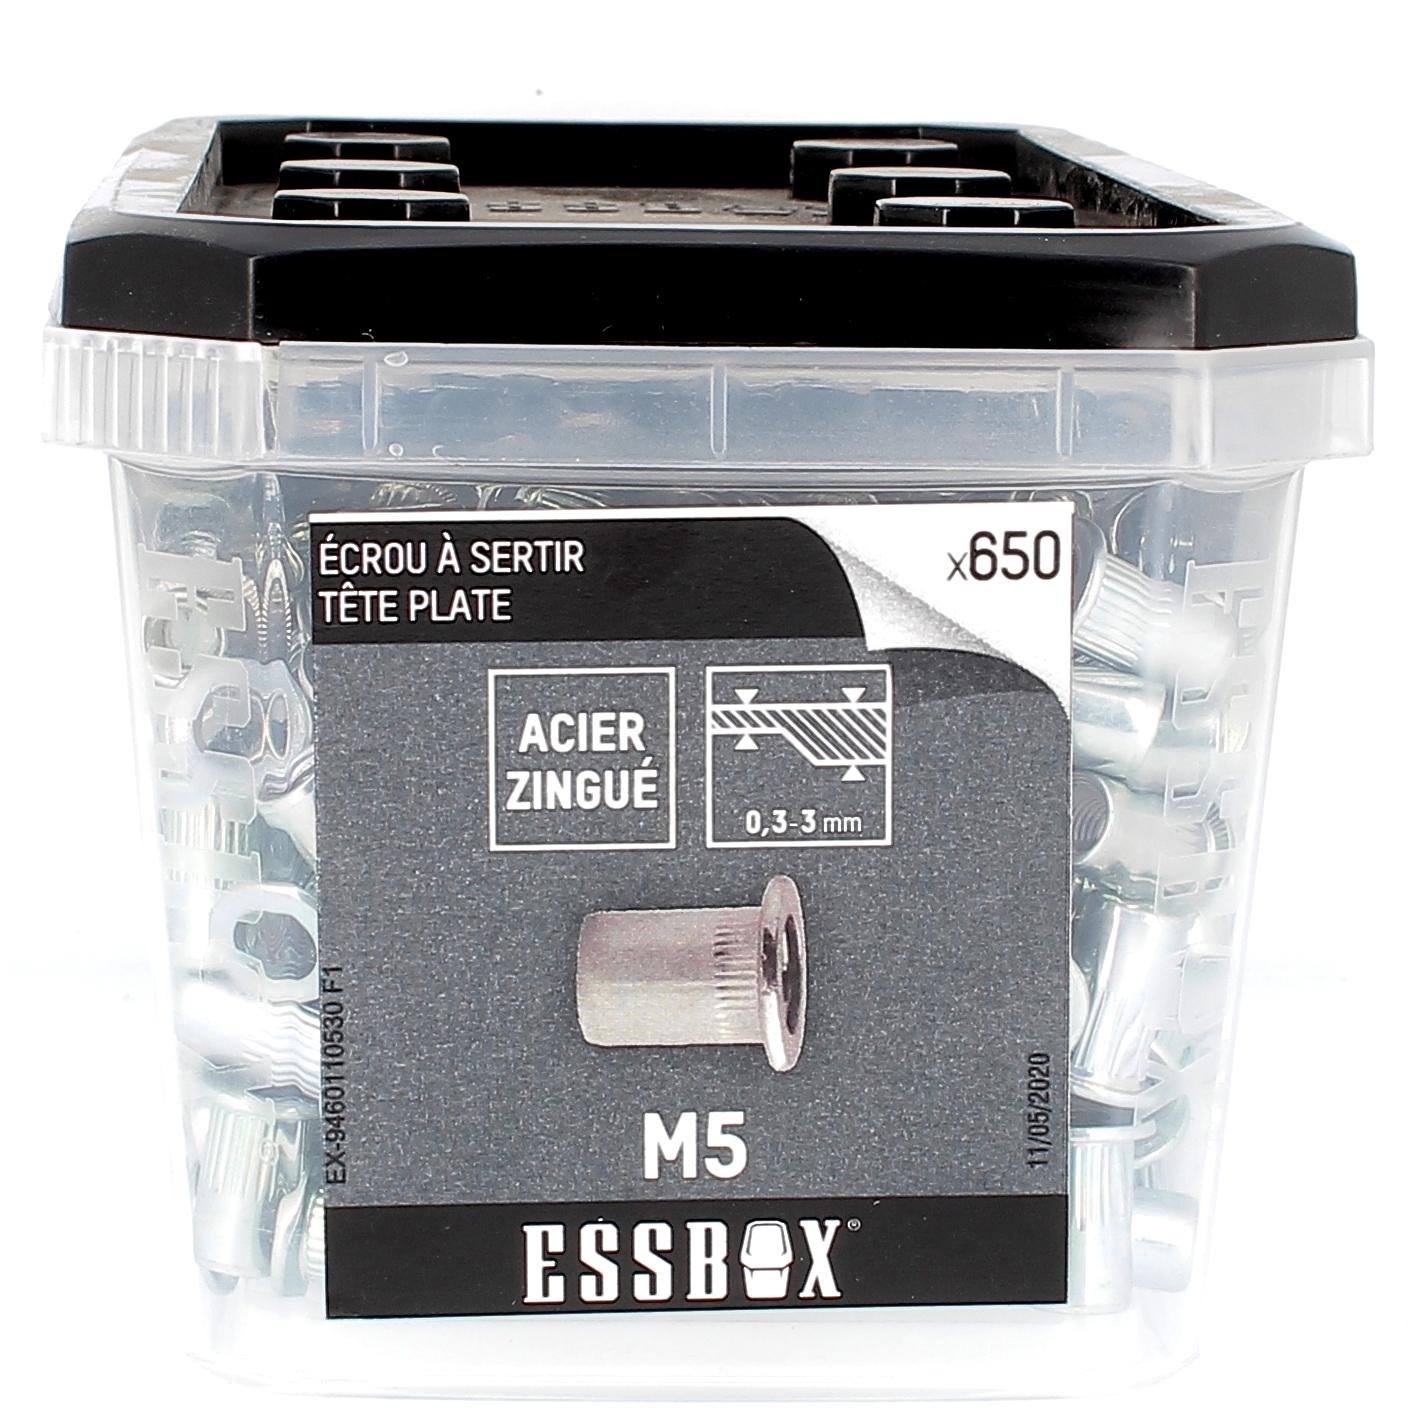 ESSBOX de 650 Ecrous Aveugles Crantés T.Plate M5 Acier